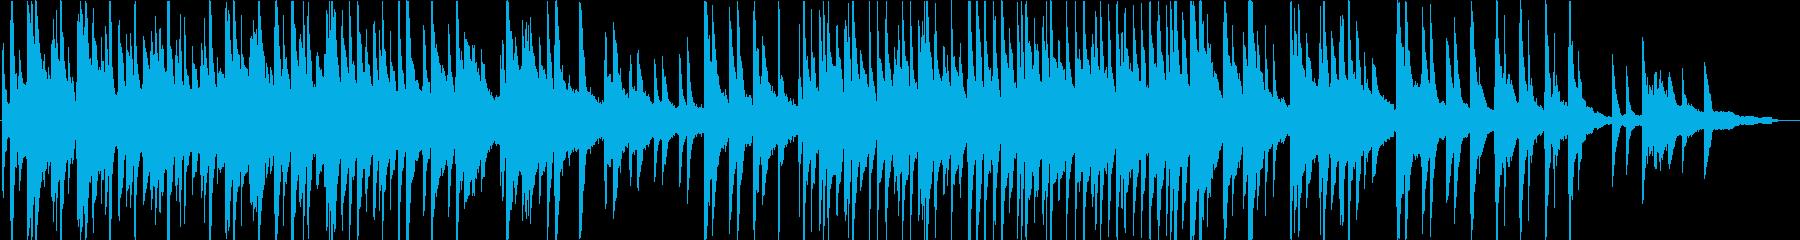 懐かしくてノスタルジックなピアノ曲の再生済みの波形